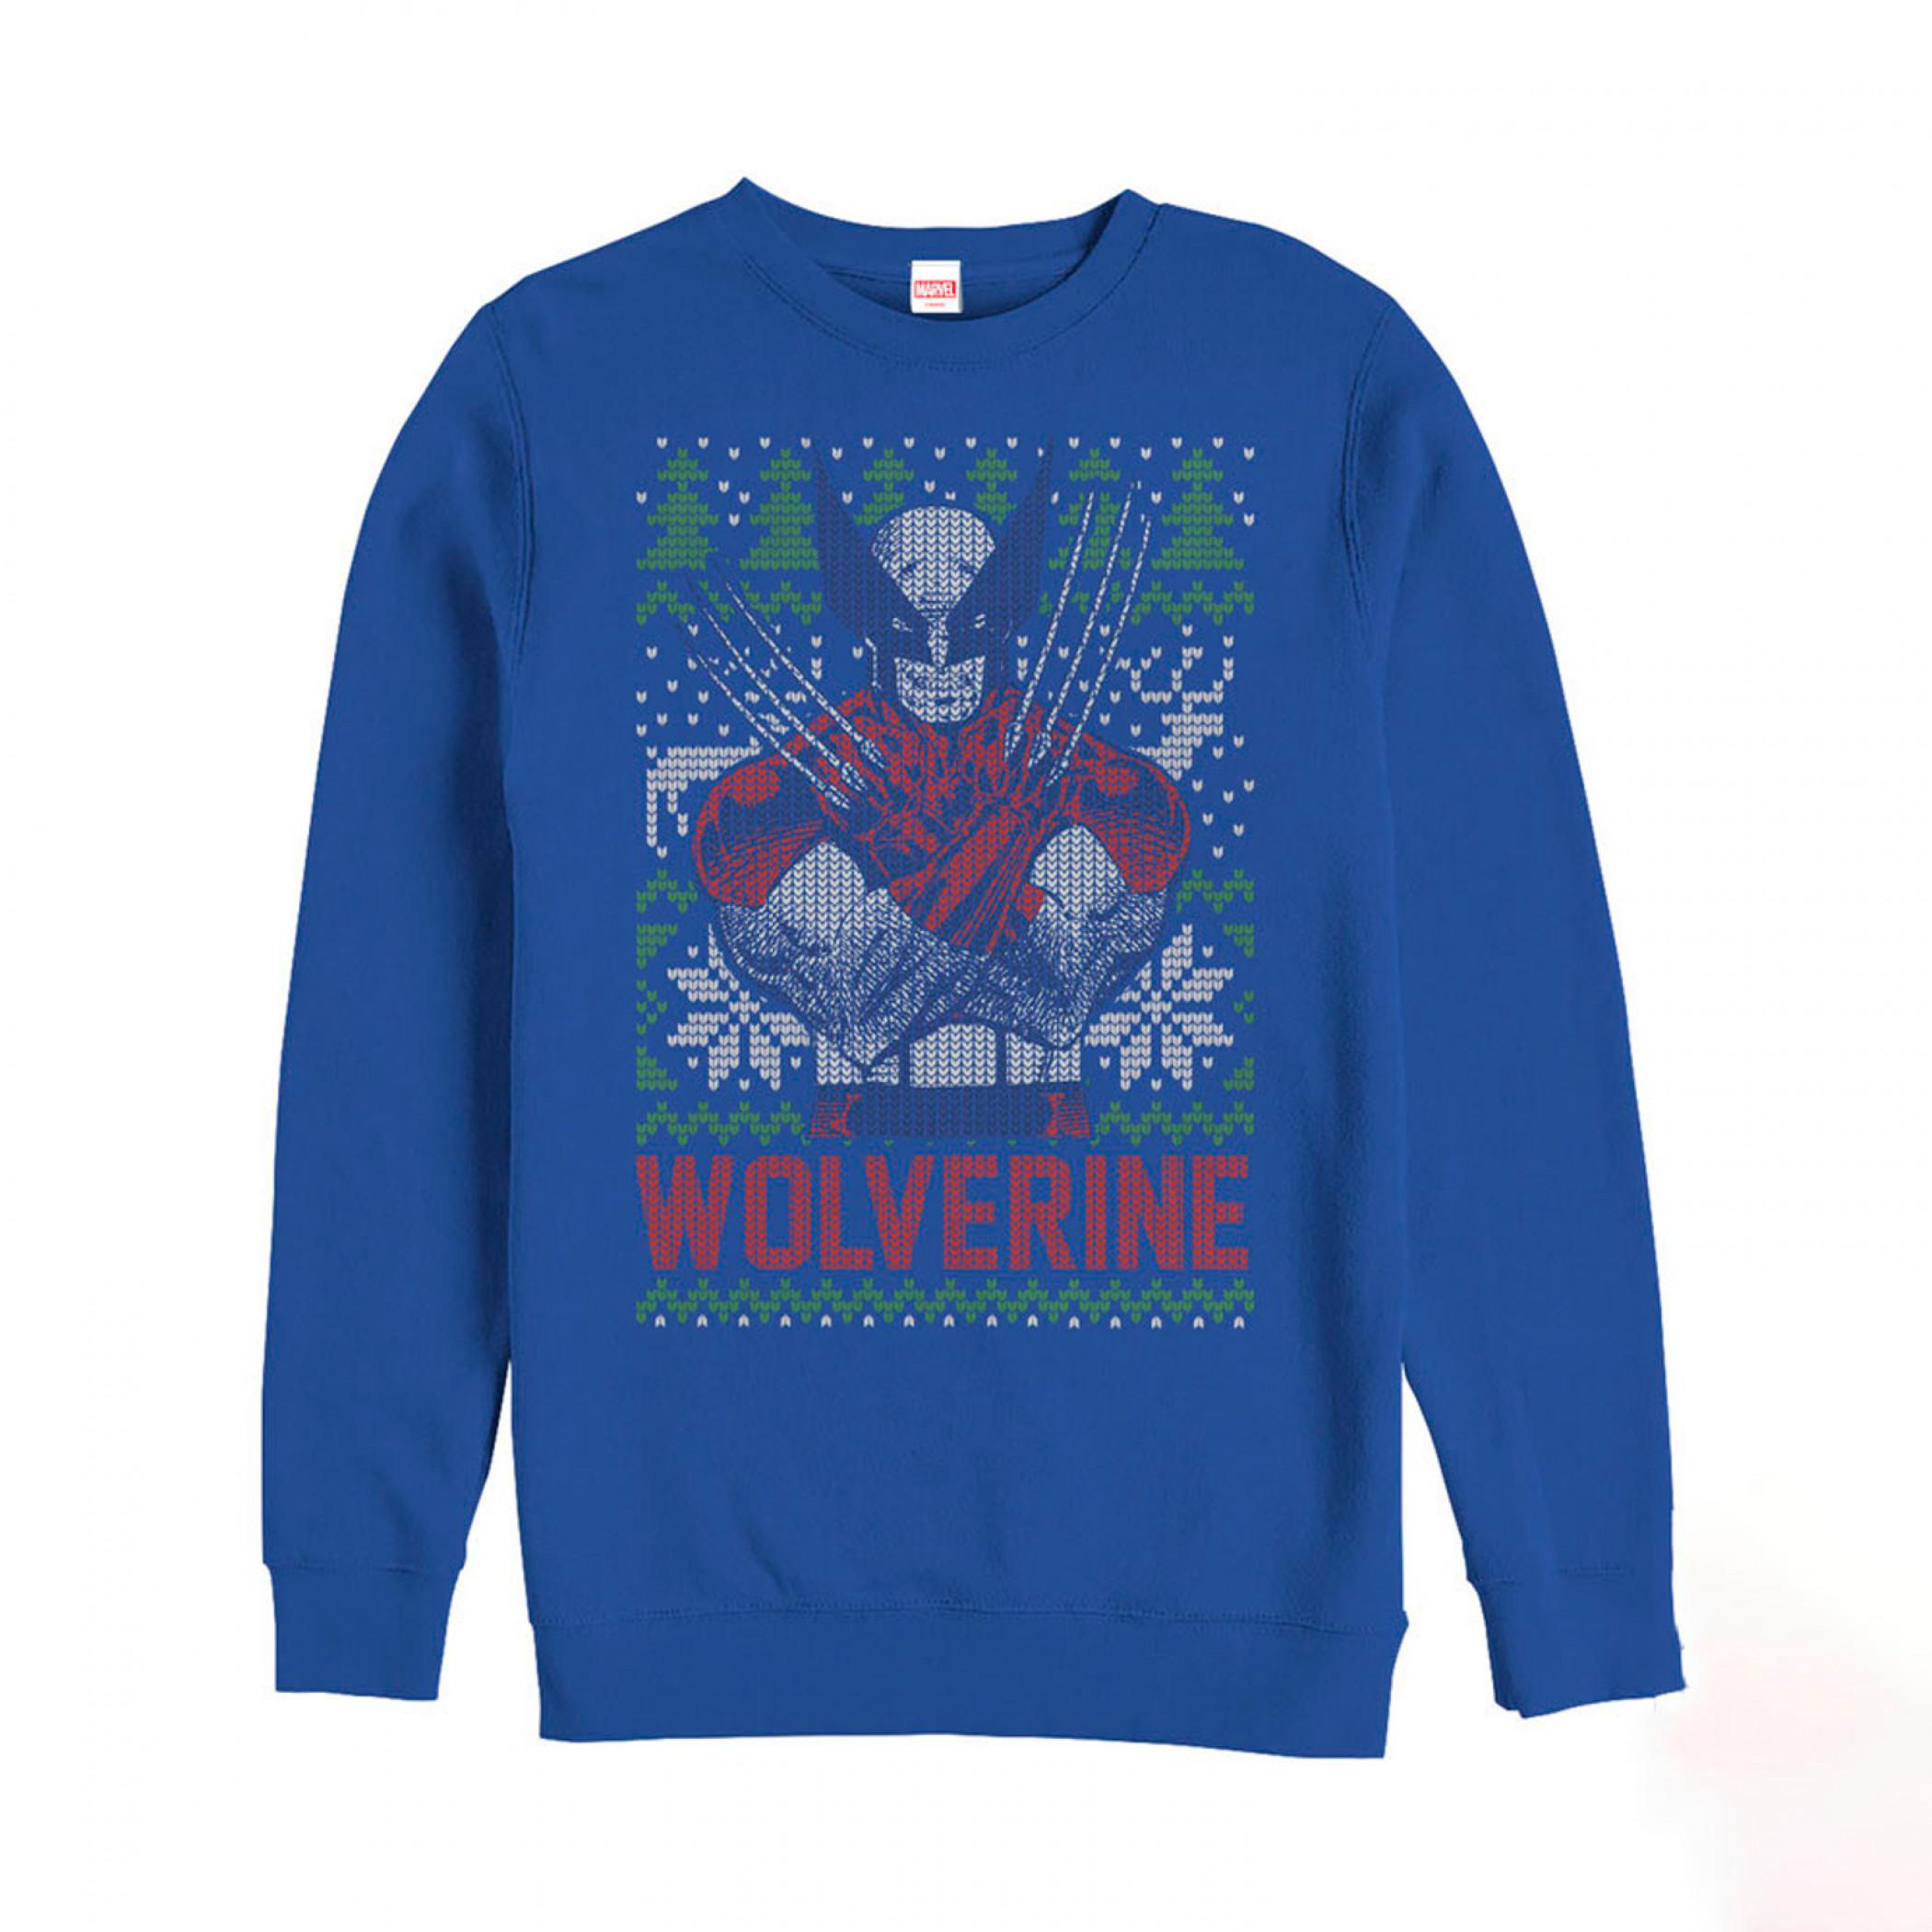 Wolverine Ugly Christmas Sweatshirt